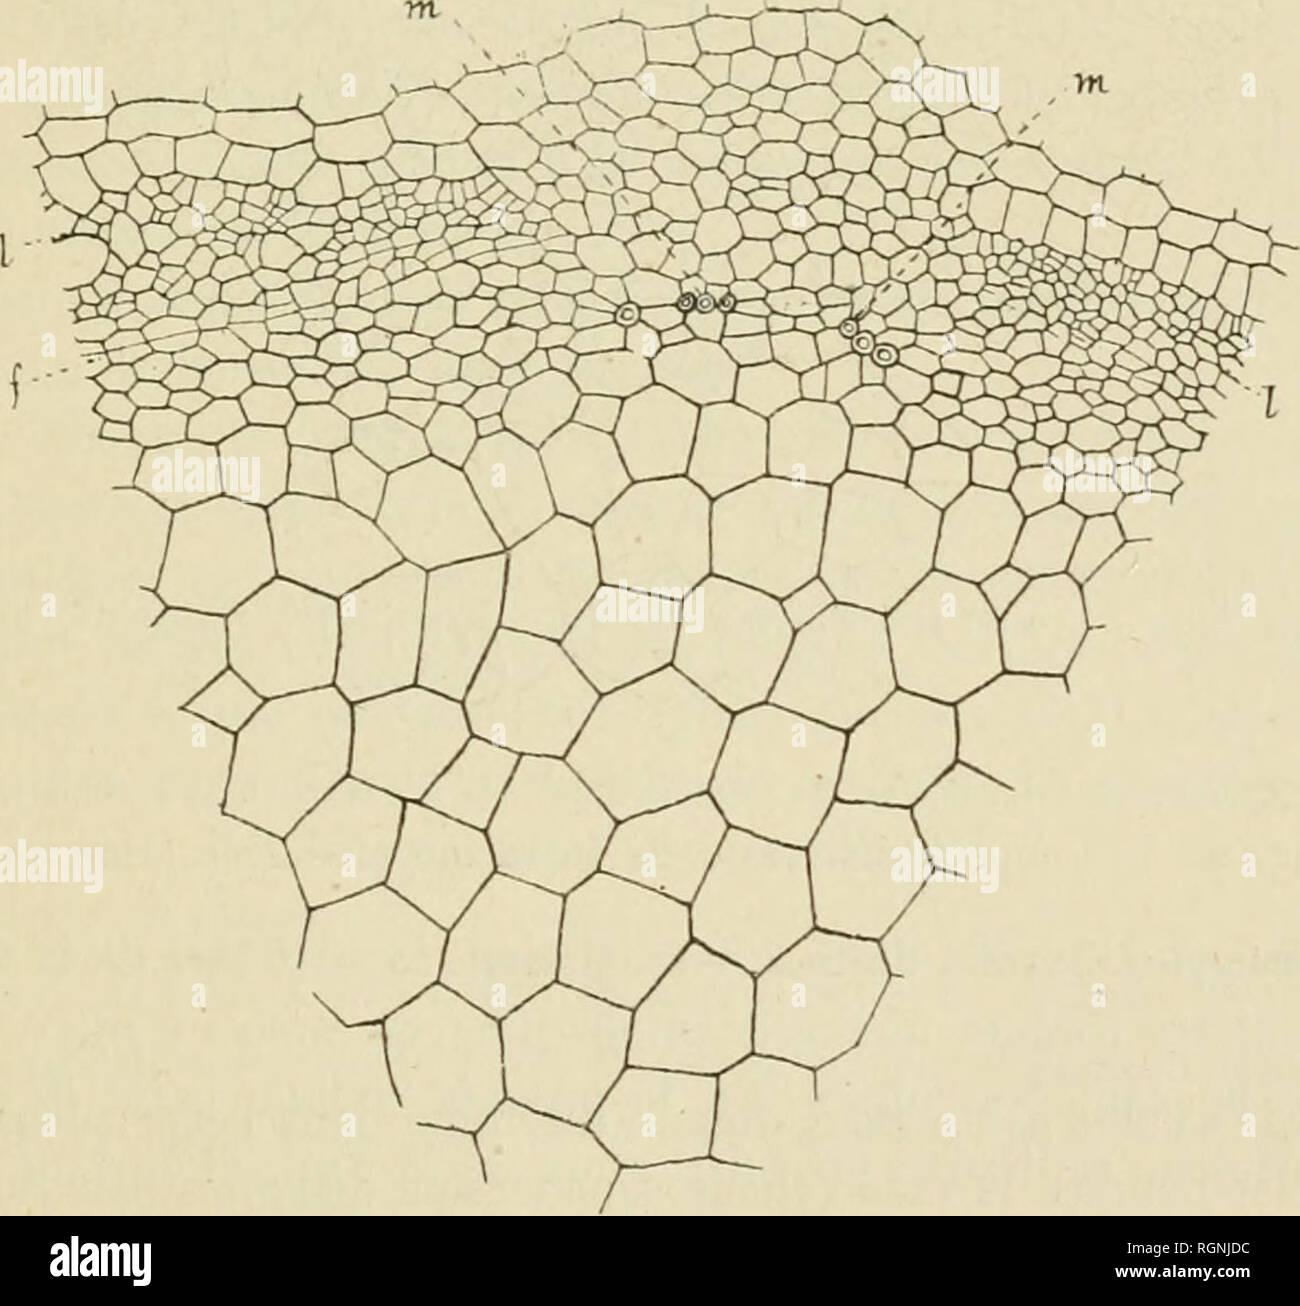 . Bulletin du Musum national d'histoire naturelle. Natural history. - i>b - A sa partie supérieure, cette racine émet de bonne heure quatre radi- celles, dans chacune desquelles disparait en partie le faisceau de protoxy- lèrae correspondant. L'autre partie du protoxylème se continue vers la tige, mais pendant un trajet très court, car ses vaisseaux sont successive- ment frappés d'un arrêt de développement. Dans la région de l'axe corres- pondait à la surface du sol, il ne se forme plus aucun vaisseau de protoxylème. Les premiers vaisseaux (m, fïg. 3) qui apparaissent à ce niveau - Stock Image